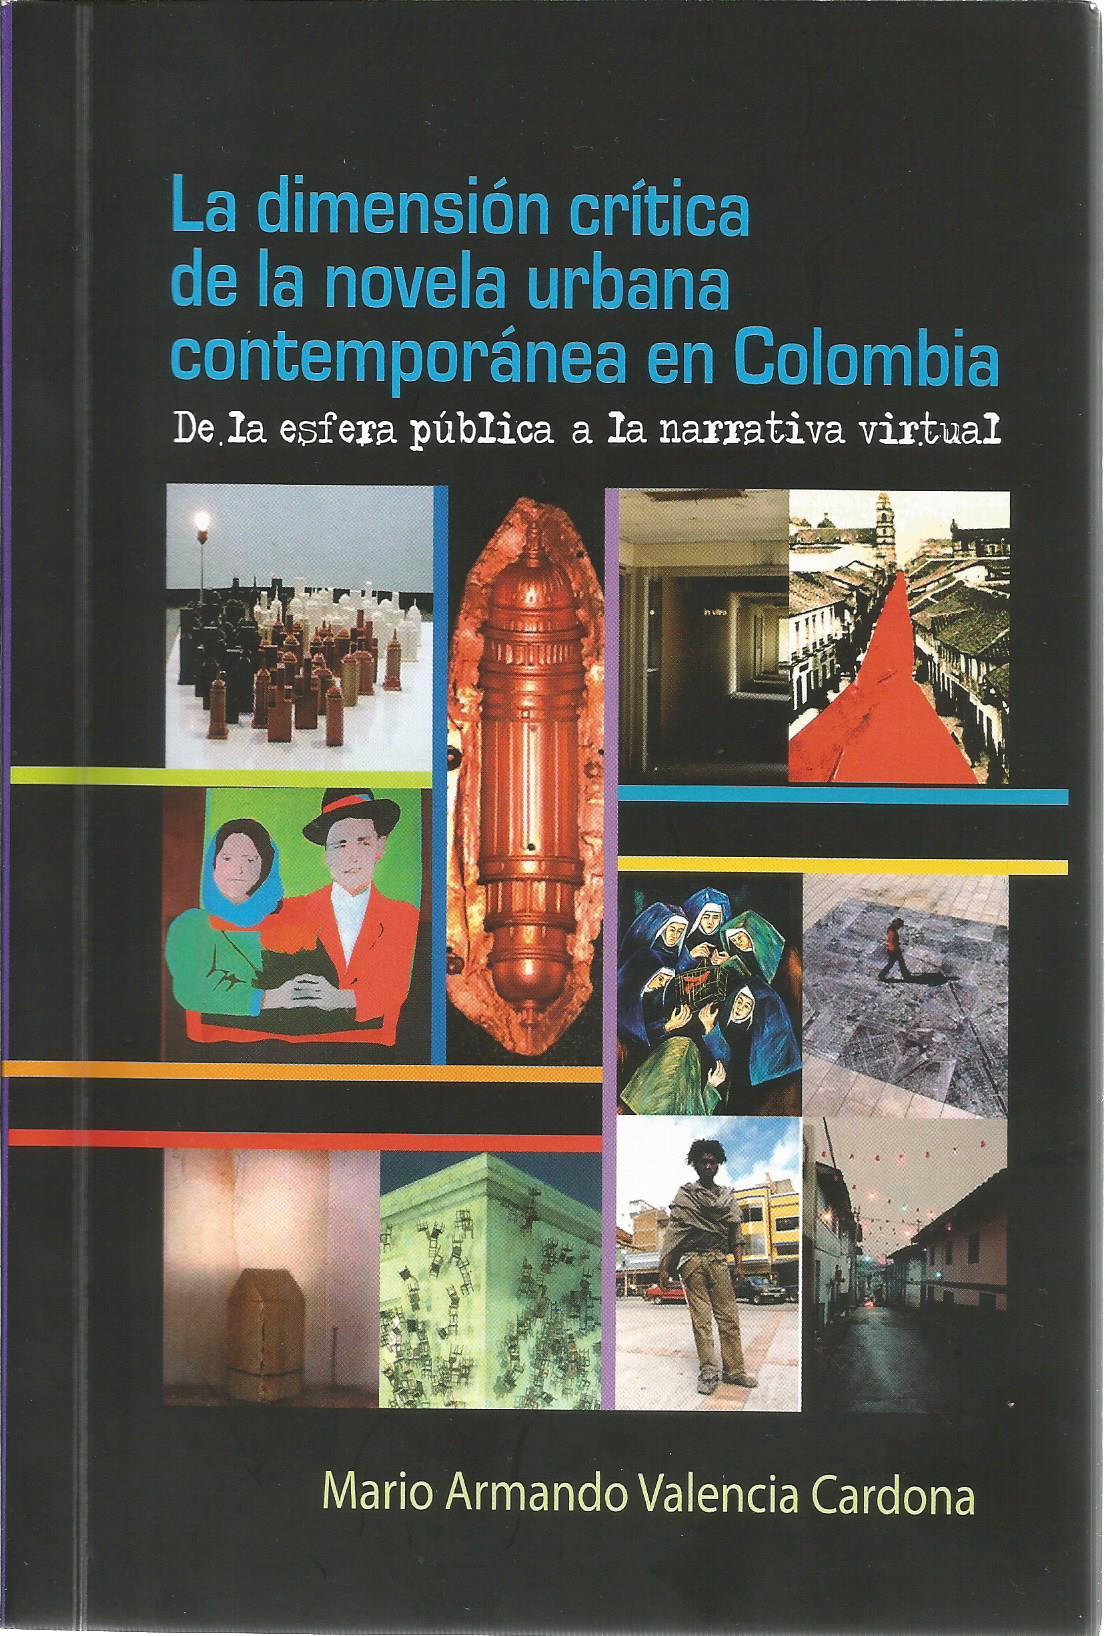 La dimensión crítica de la novela contemporánea en Colombia